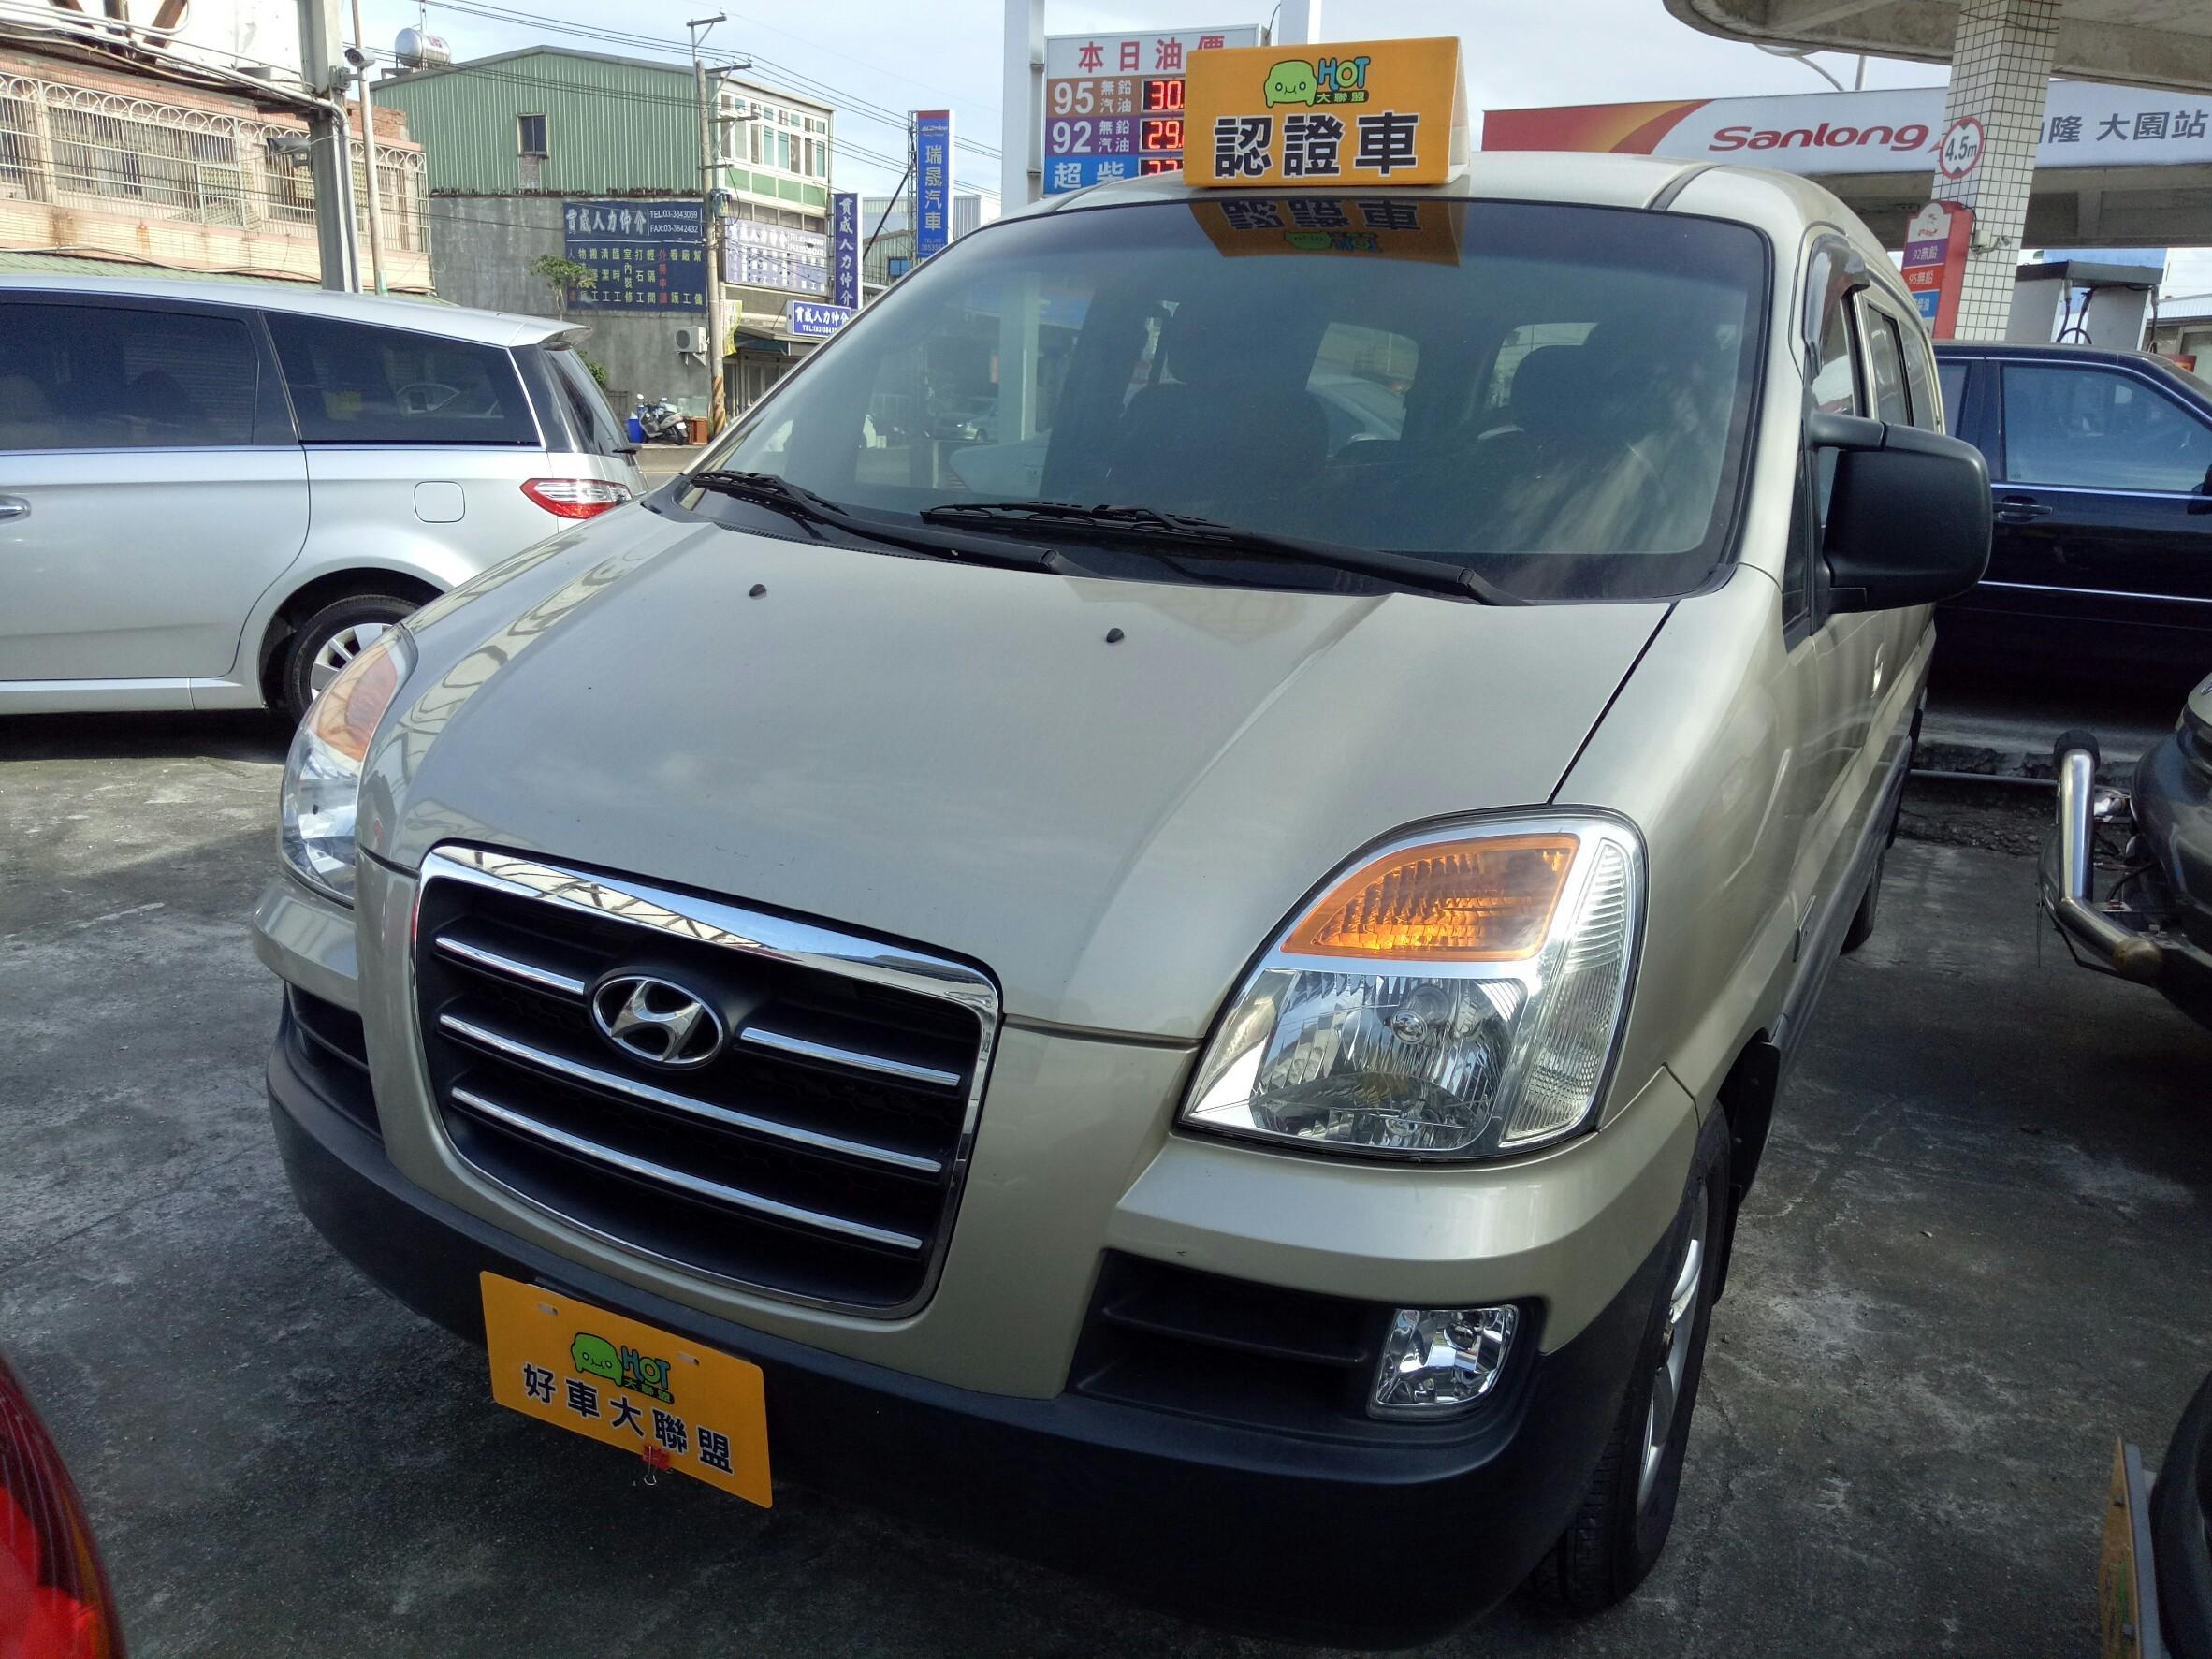 2006 Hyundai Grand starex